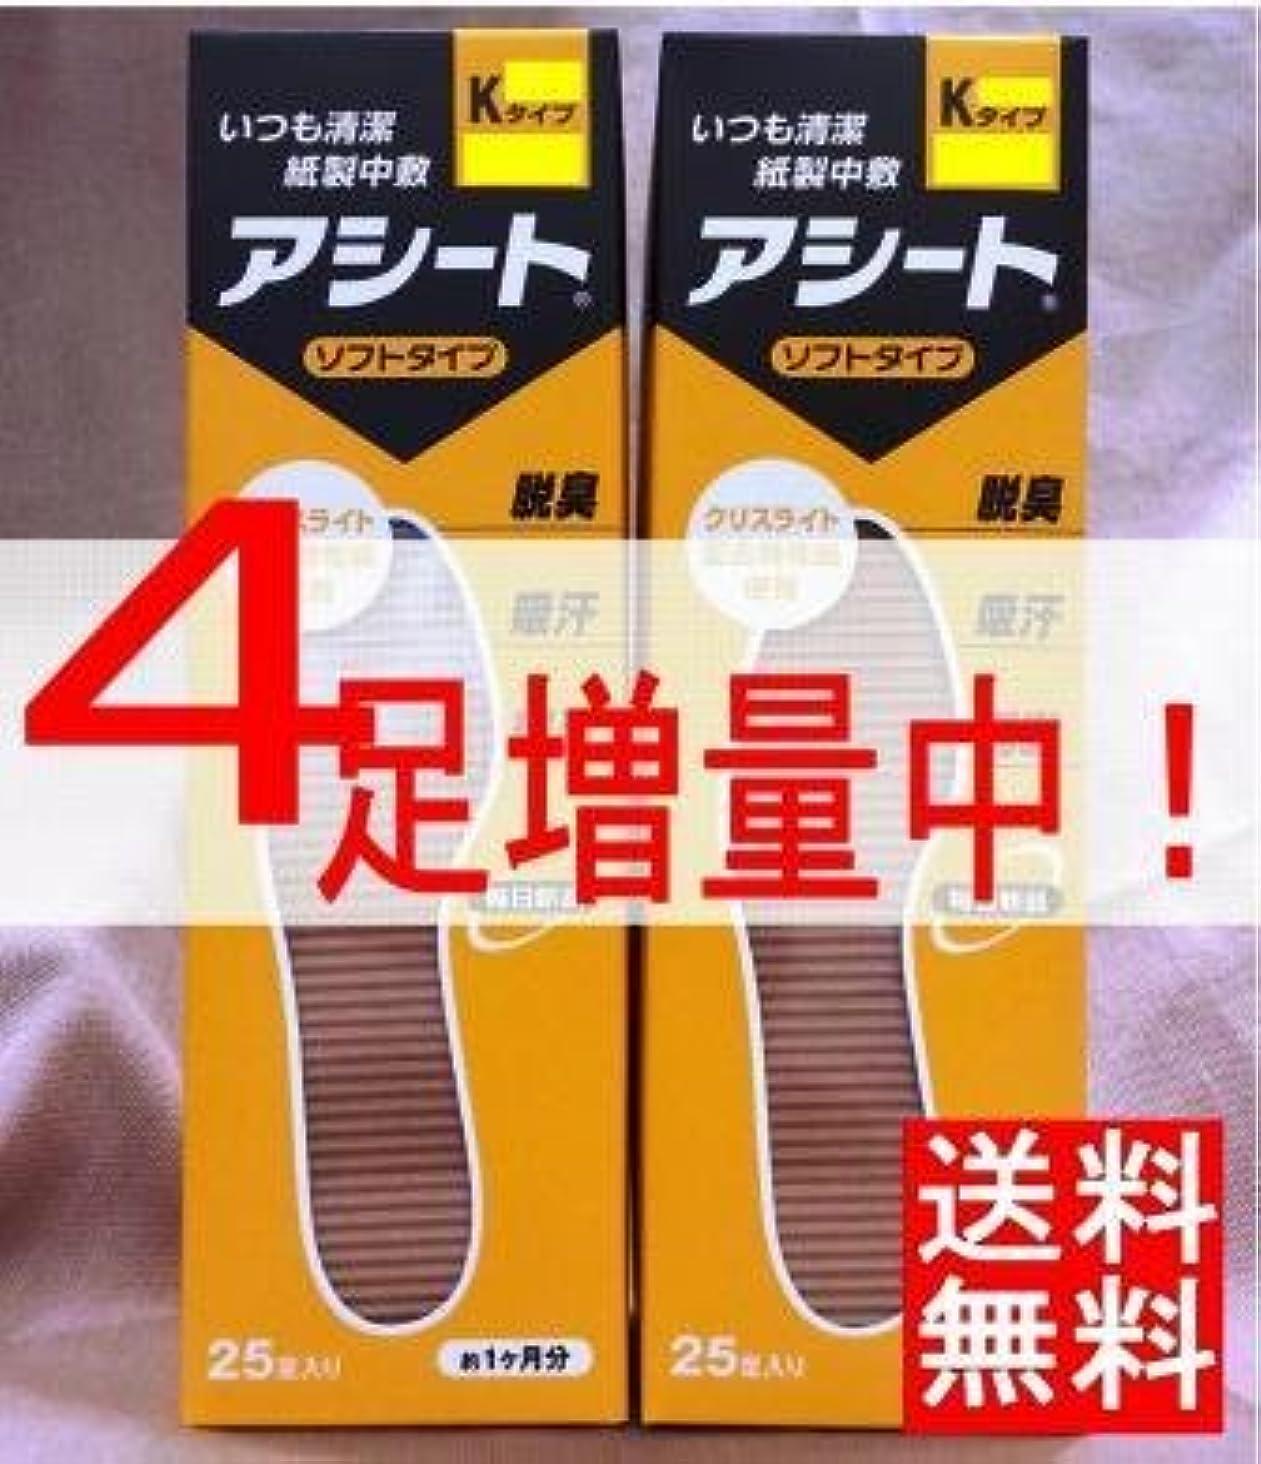 意気揚々マージ櫛アシートKタイプ(サイズ26㎝)25足入×2箱セット(4足増量中)